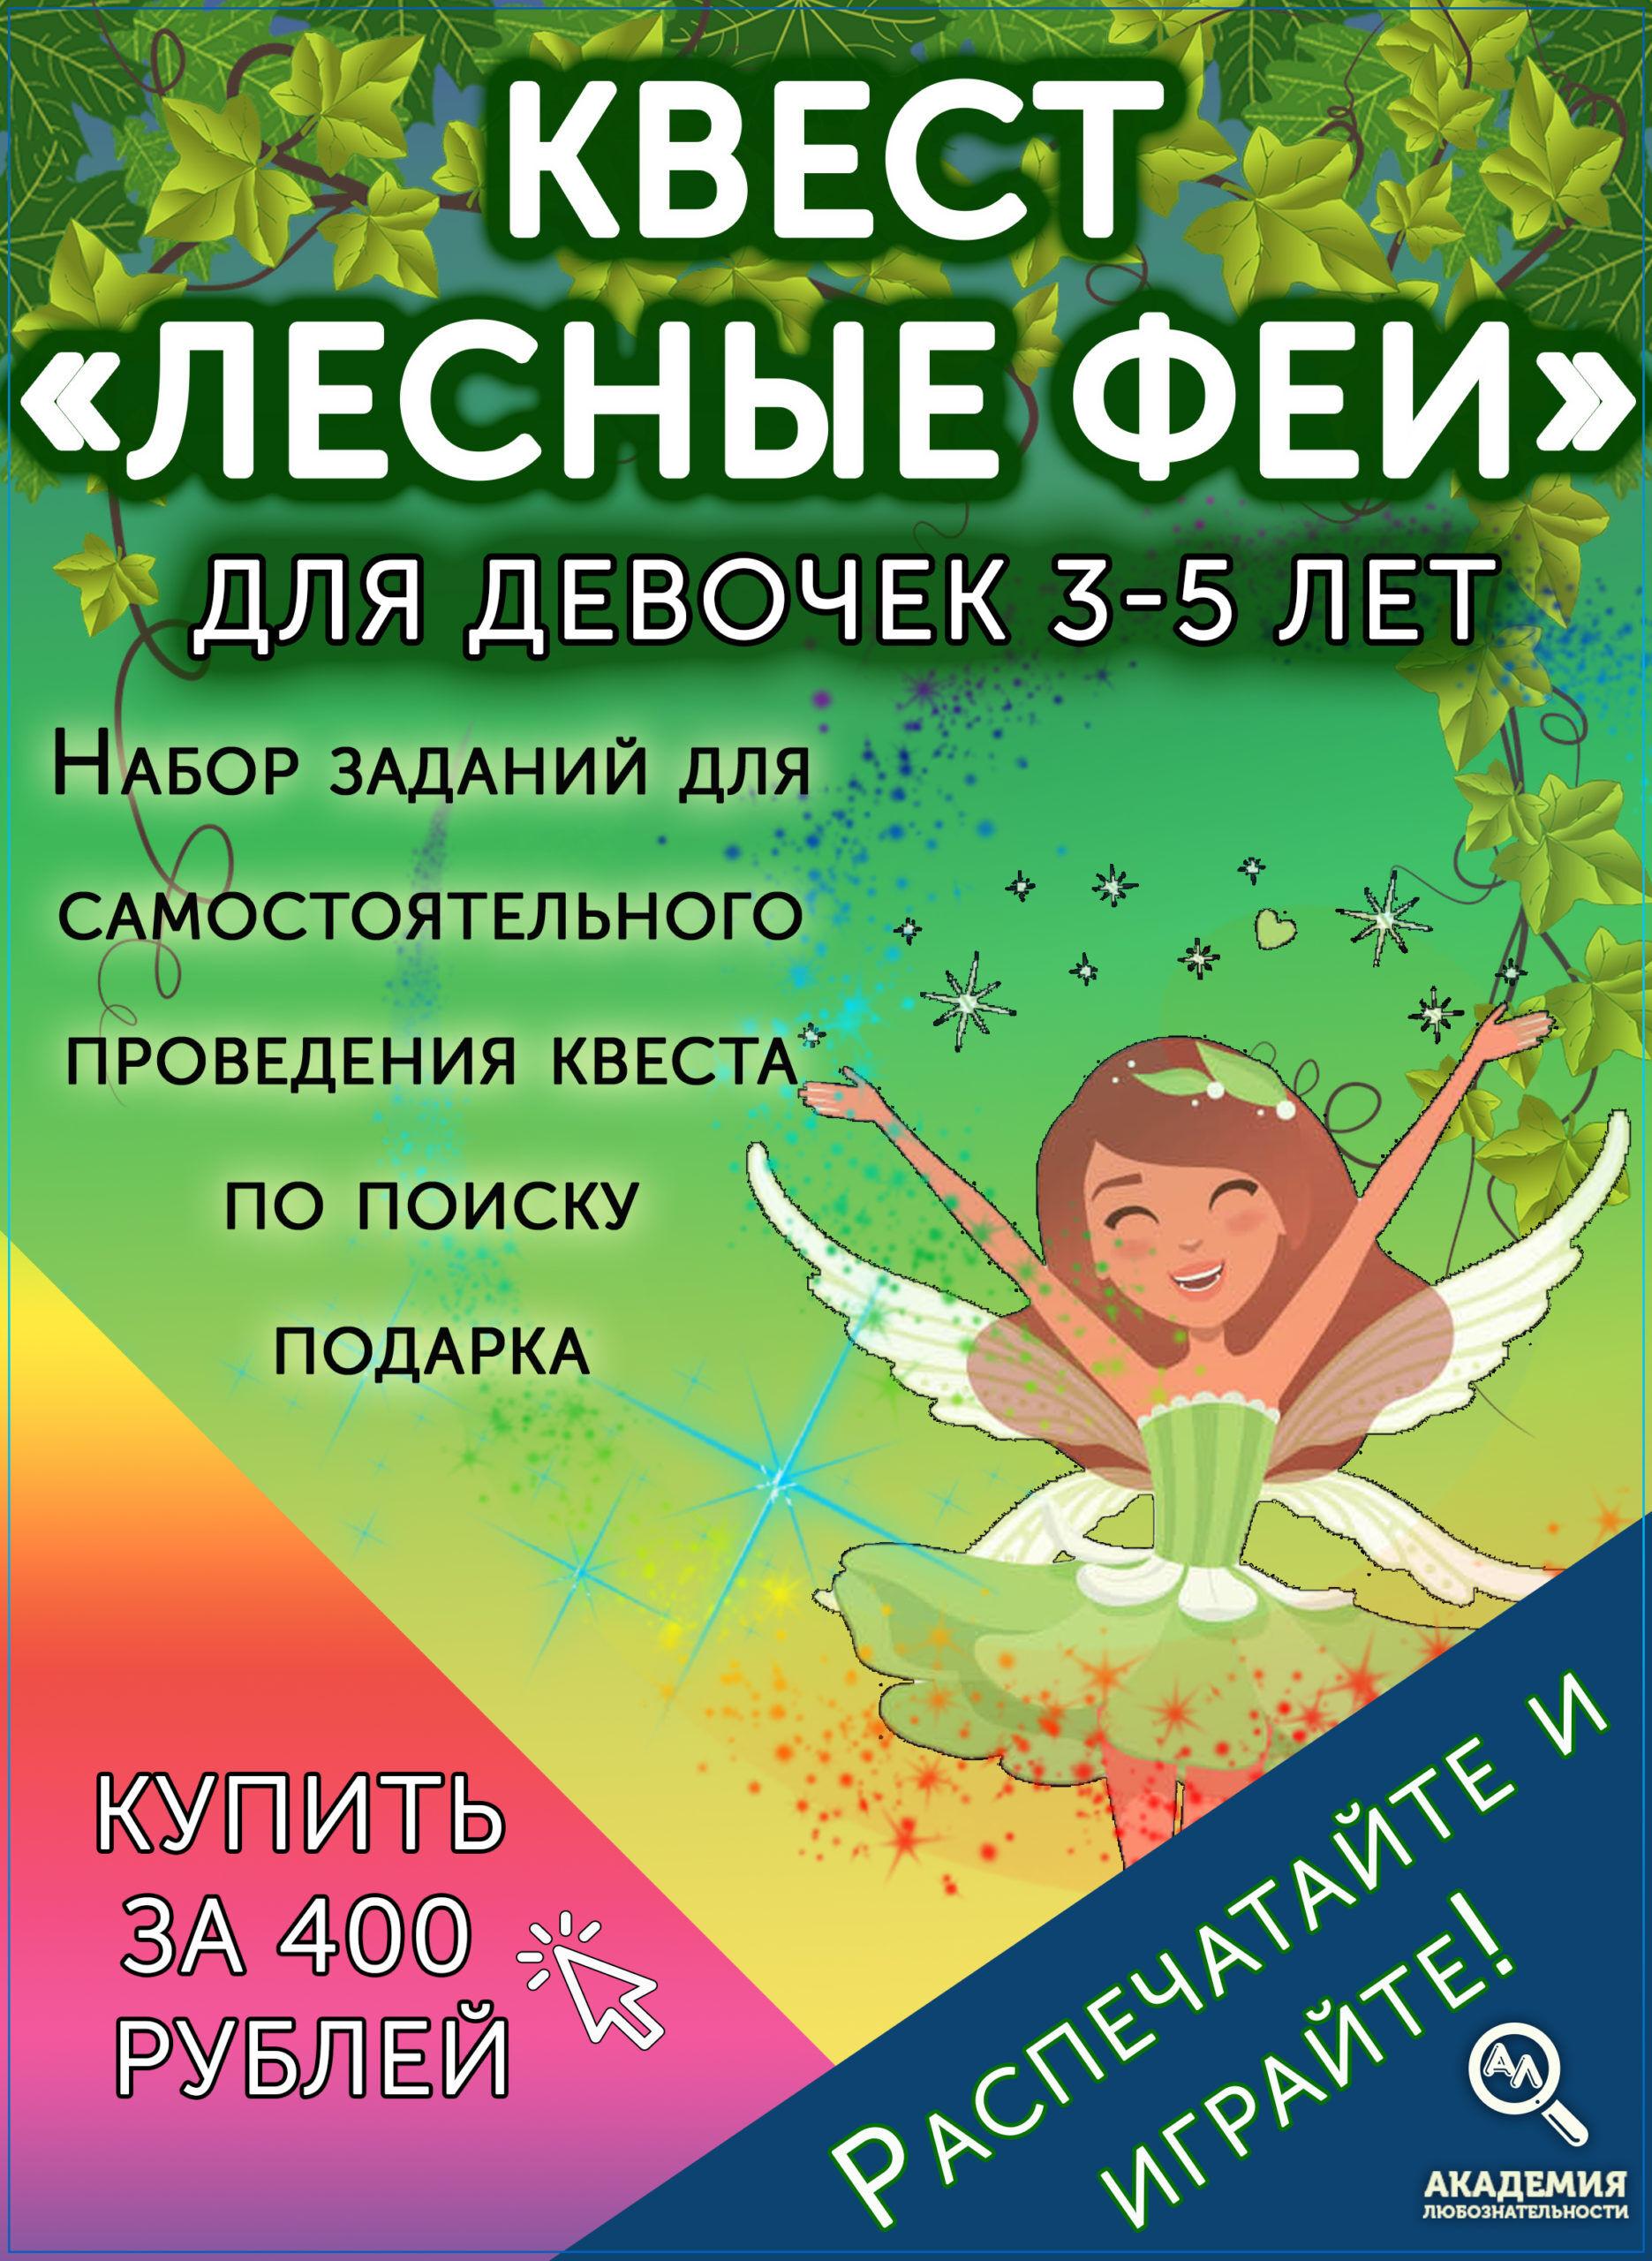 Квест лесные феи для девочек 3-5 лет